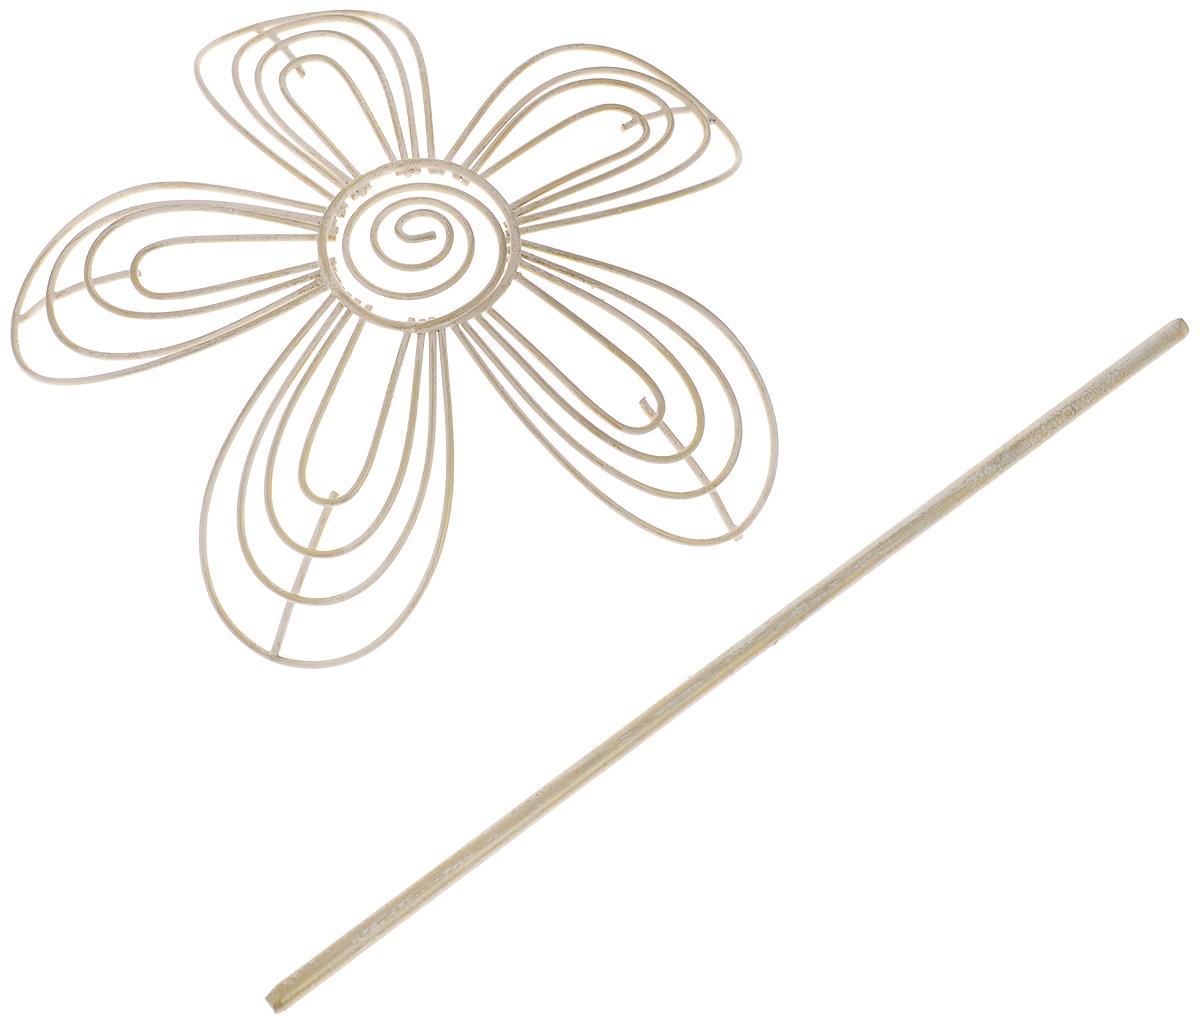 Заколка для штор Мир Мануфактуры, цвет: белый, золотистый697018_6 белый/золотоЗаколка для штор Мир Мануфактуры выполнена из металла в виде цветка. Заколка - это основной вид фурнитуры в декоре штор, сочетающий в себе не только декоративную функцию, но и практическую - регулировать поток света. Заколки для штор способны украсить любую комнату. Размер декоративной части: 16 х 16,3 см. Длина палочки: 23 см.